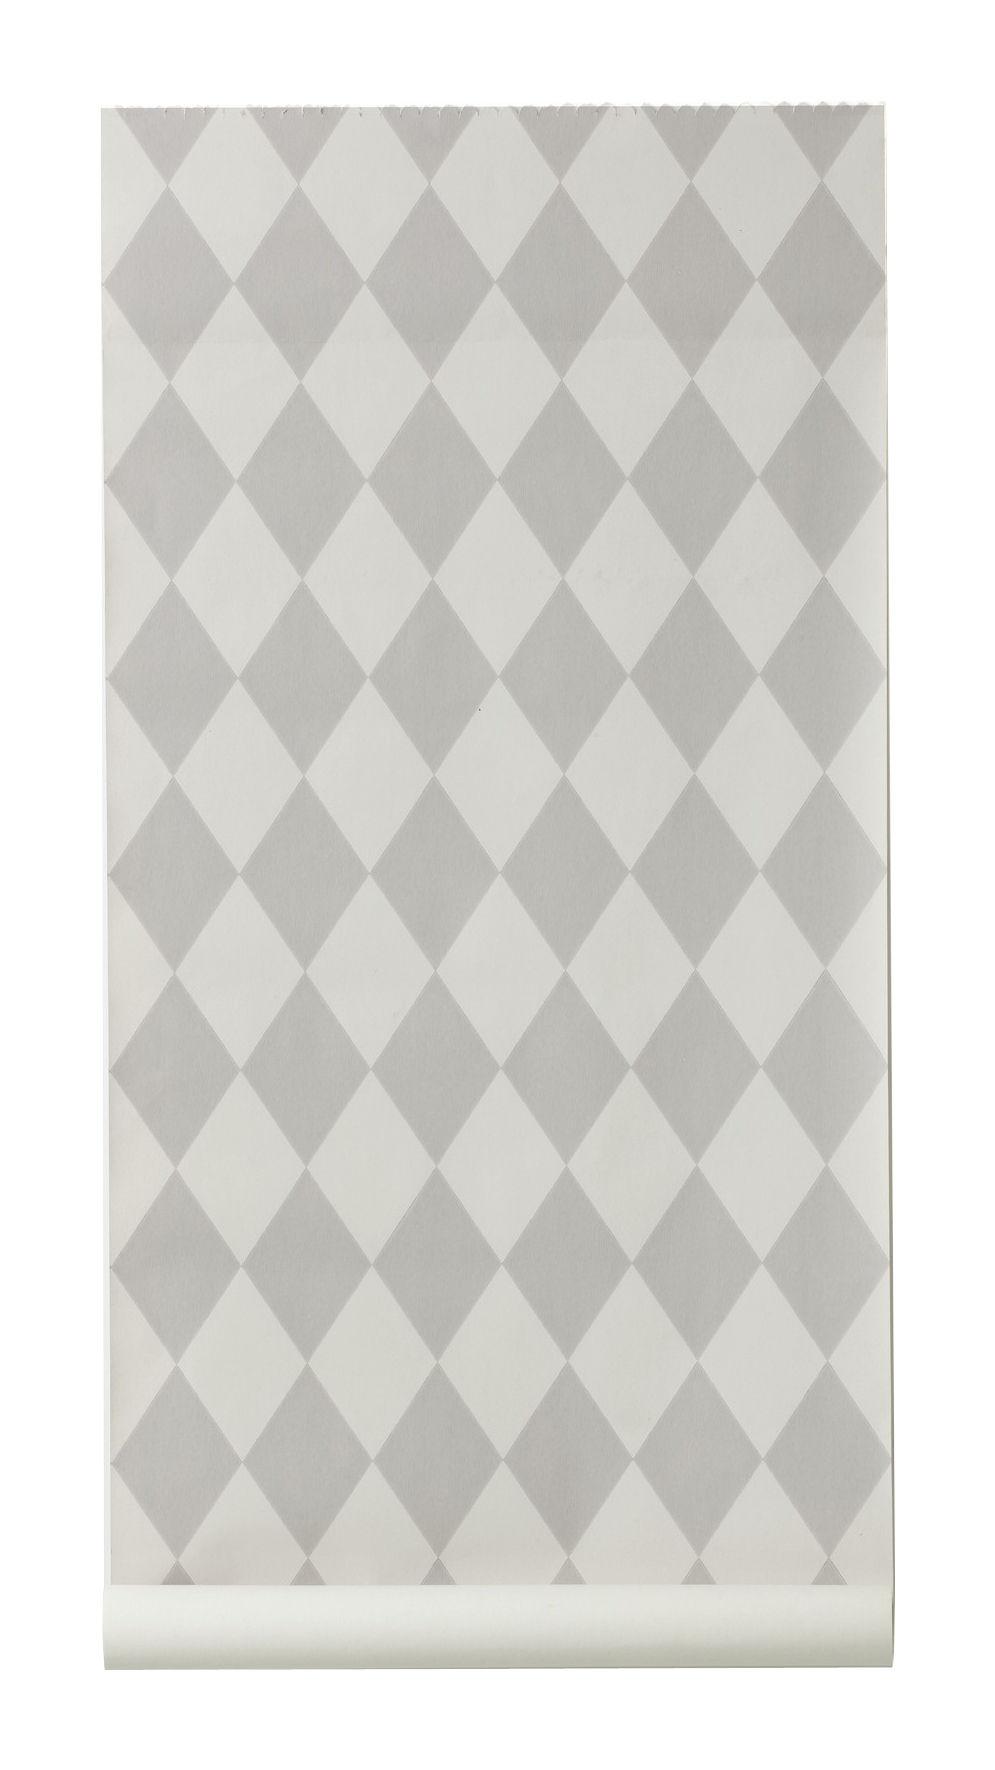 papier peint harlequin 1 rouleau larg 53 cm gris. Black Bedroom Furniture Sets. Home Design Ideas